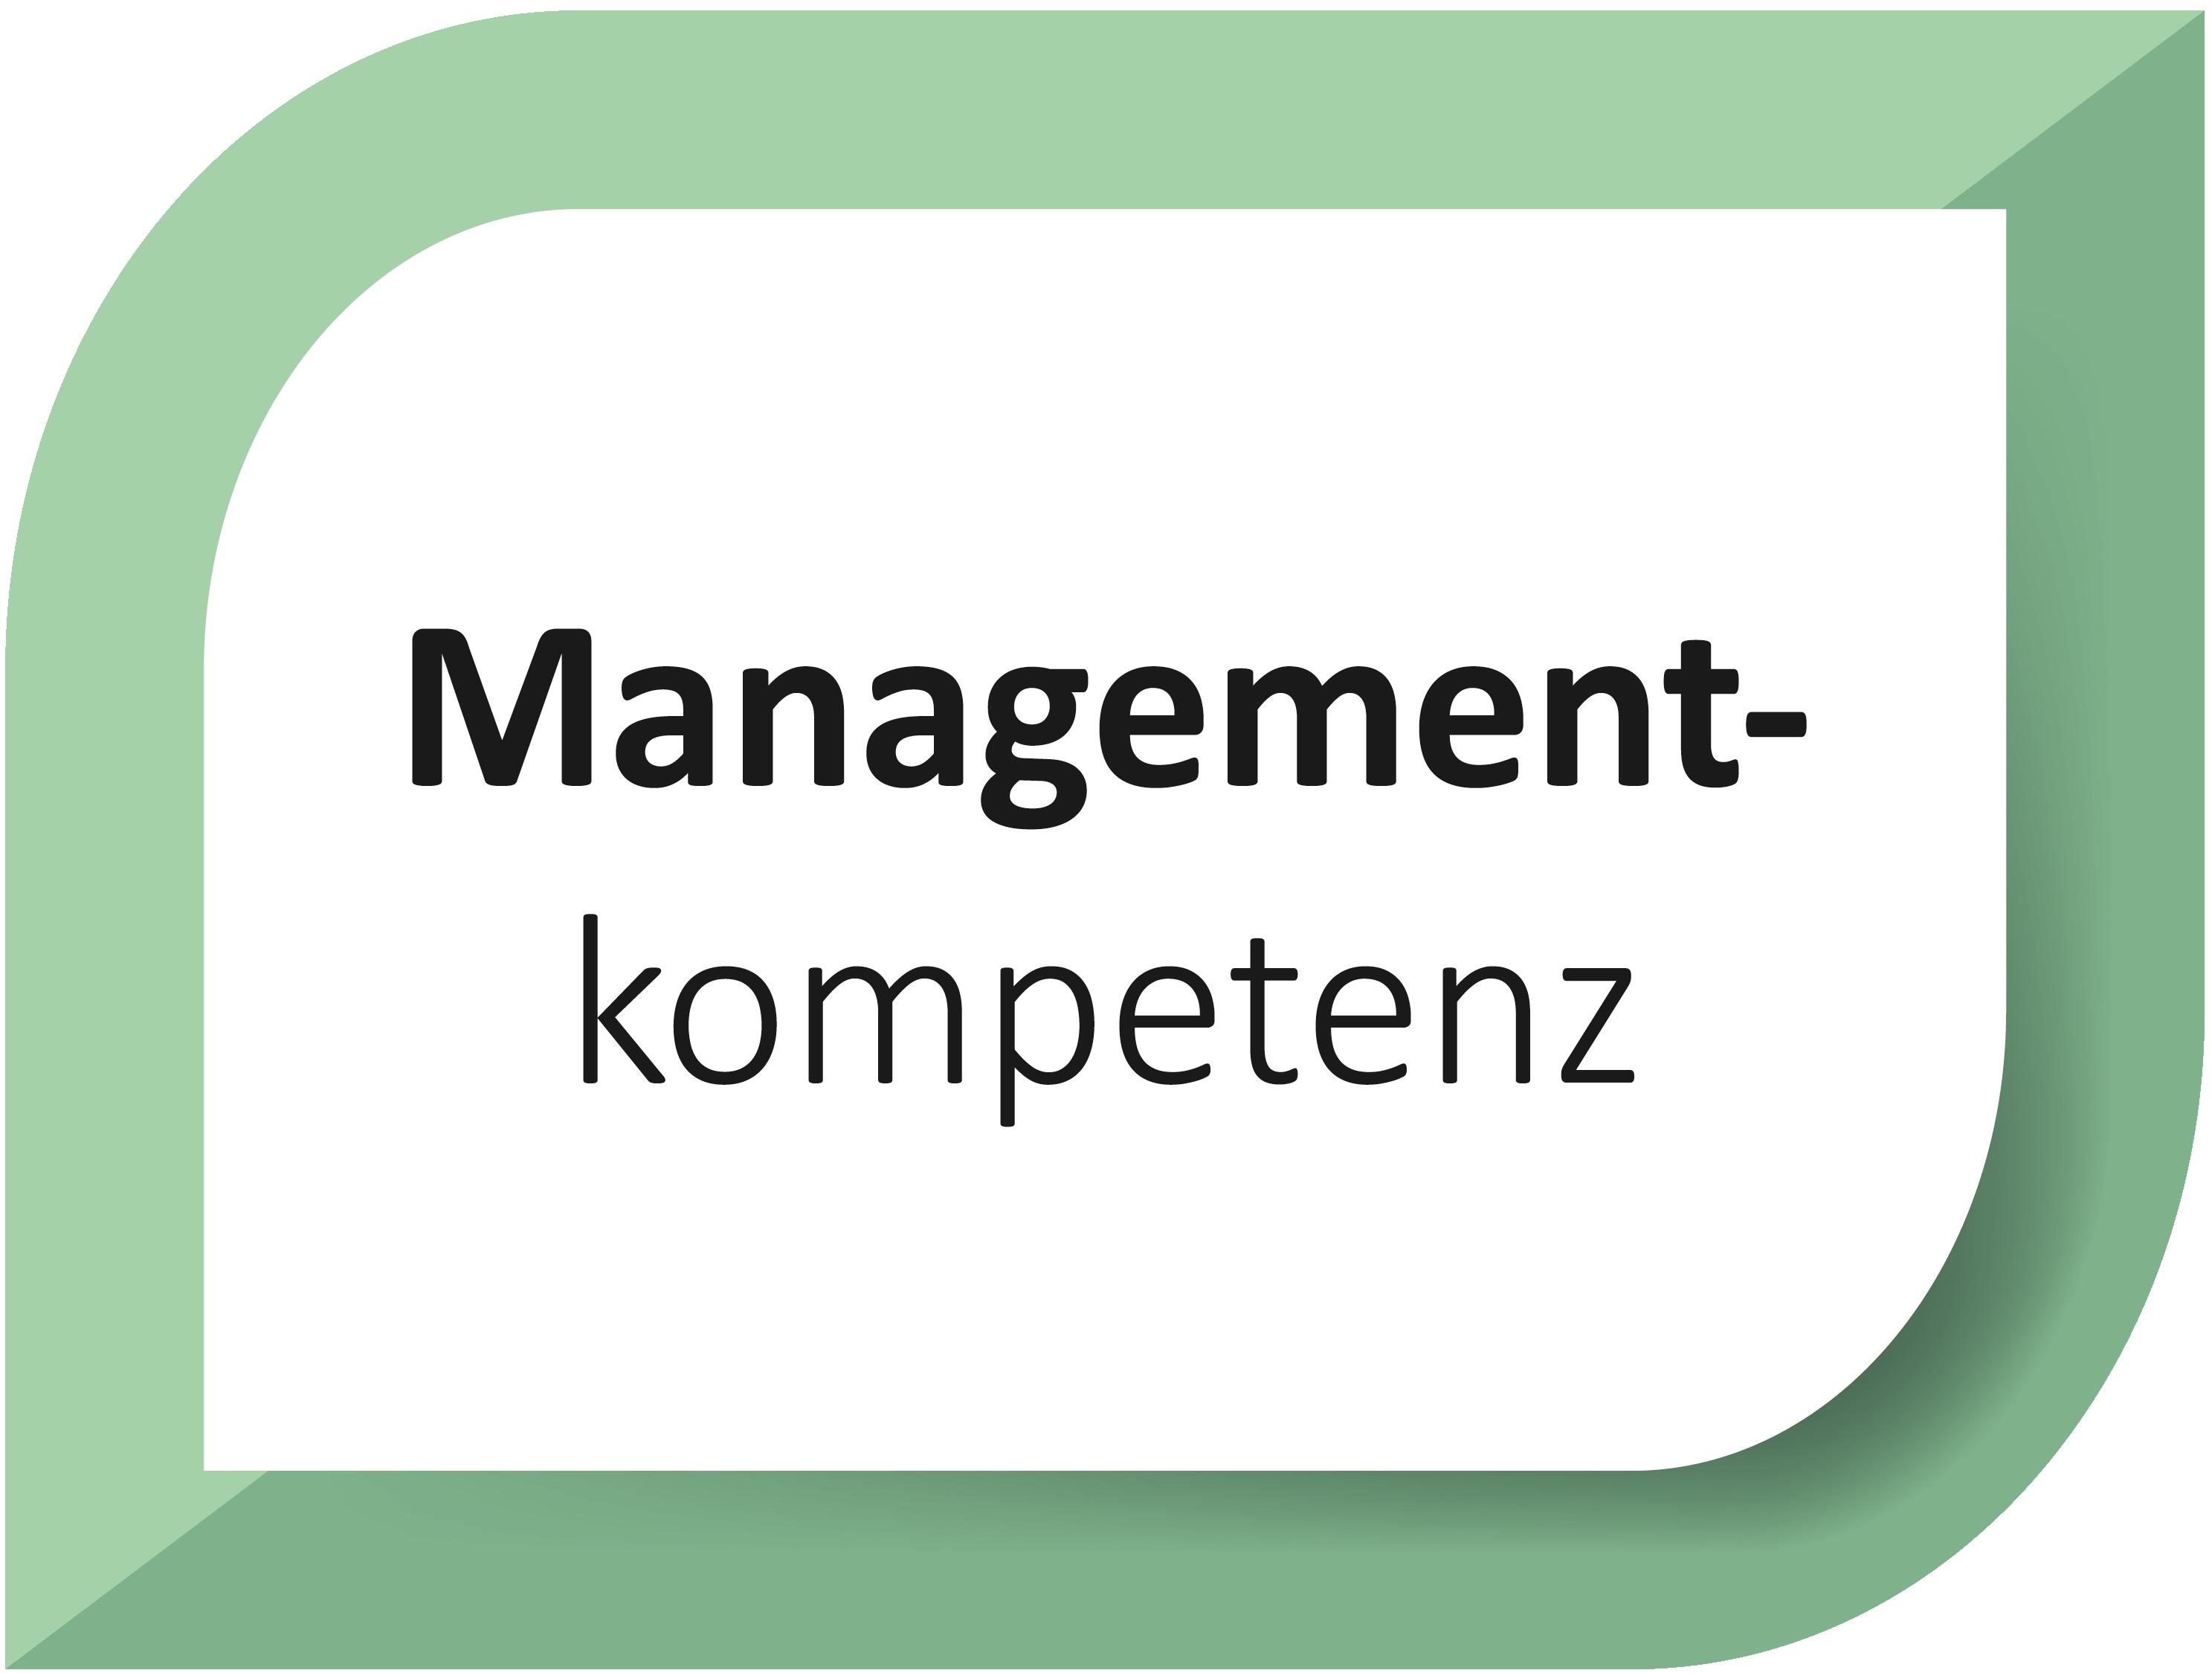 Button-Pastell_Managementkompetenz